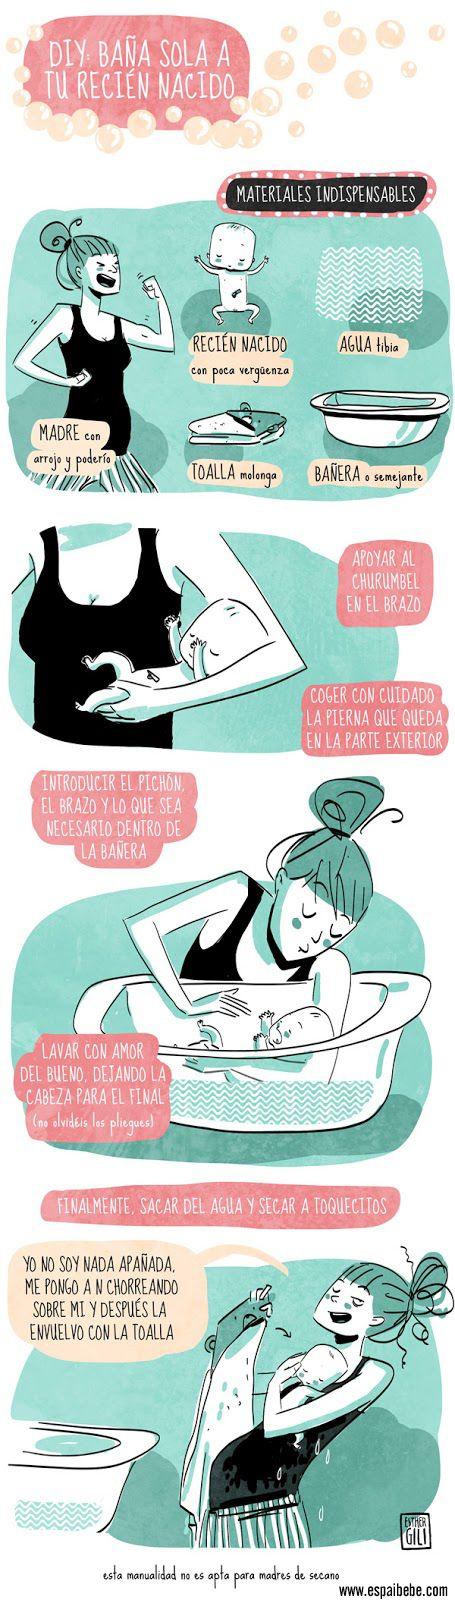 Cómo bañar a un recién nacido